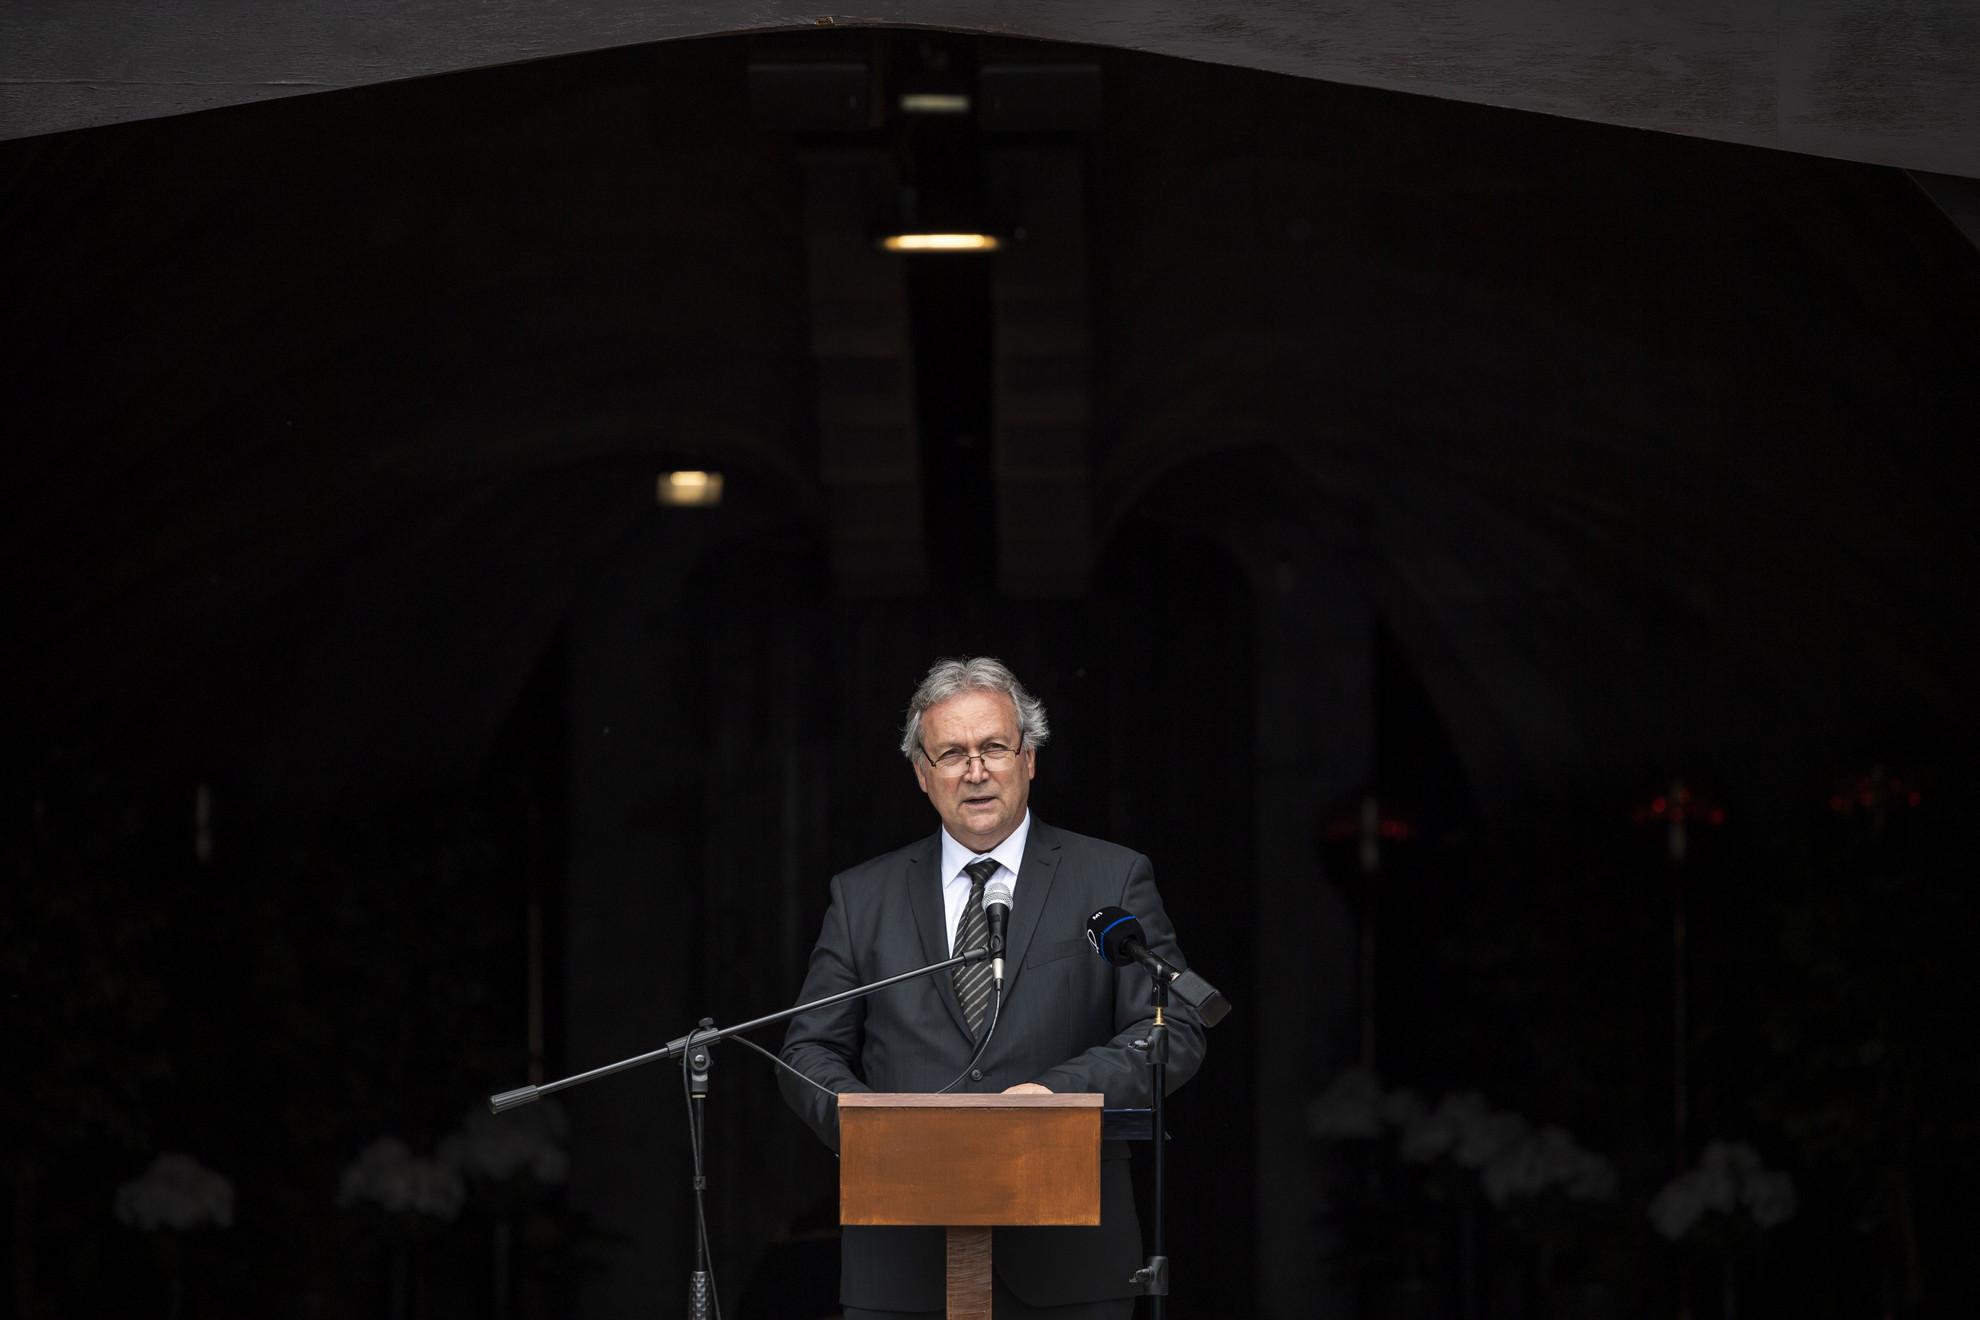 Freund Tamás, a Magyar Tudományos Akadémia elnöke beszédet mond Hámori József búcsúztatásán a Farkasréti temető Makovecz-ravatalozójában 2021. május 31-én